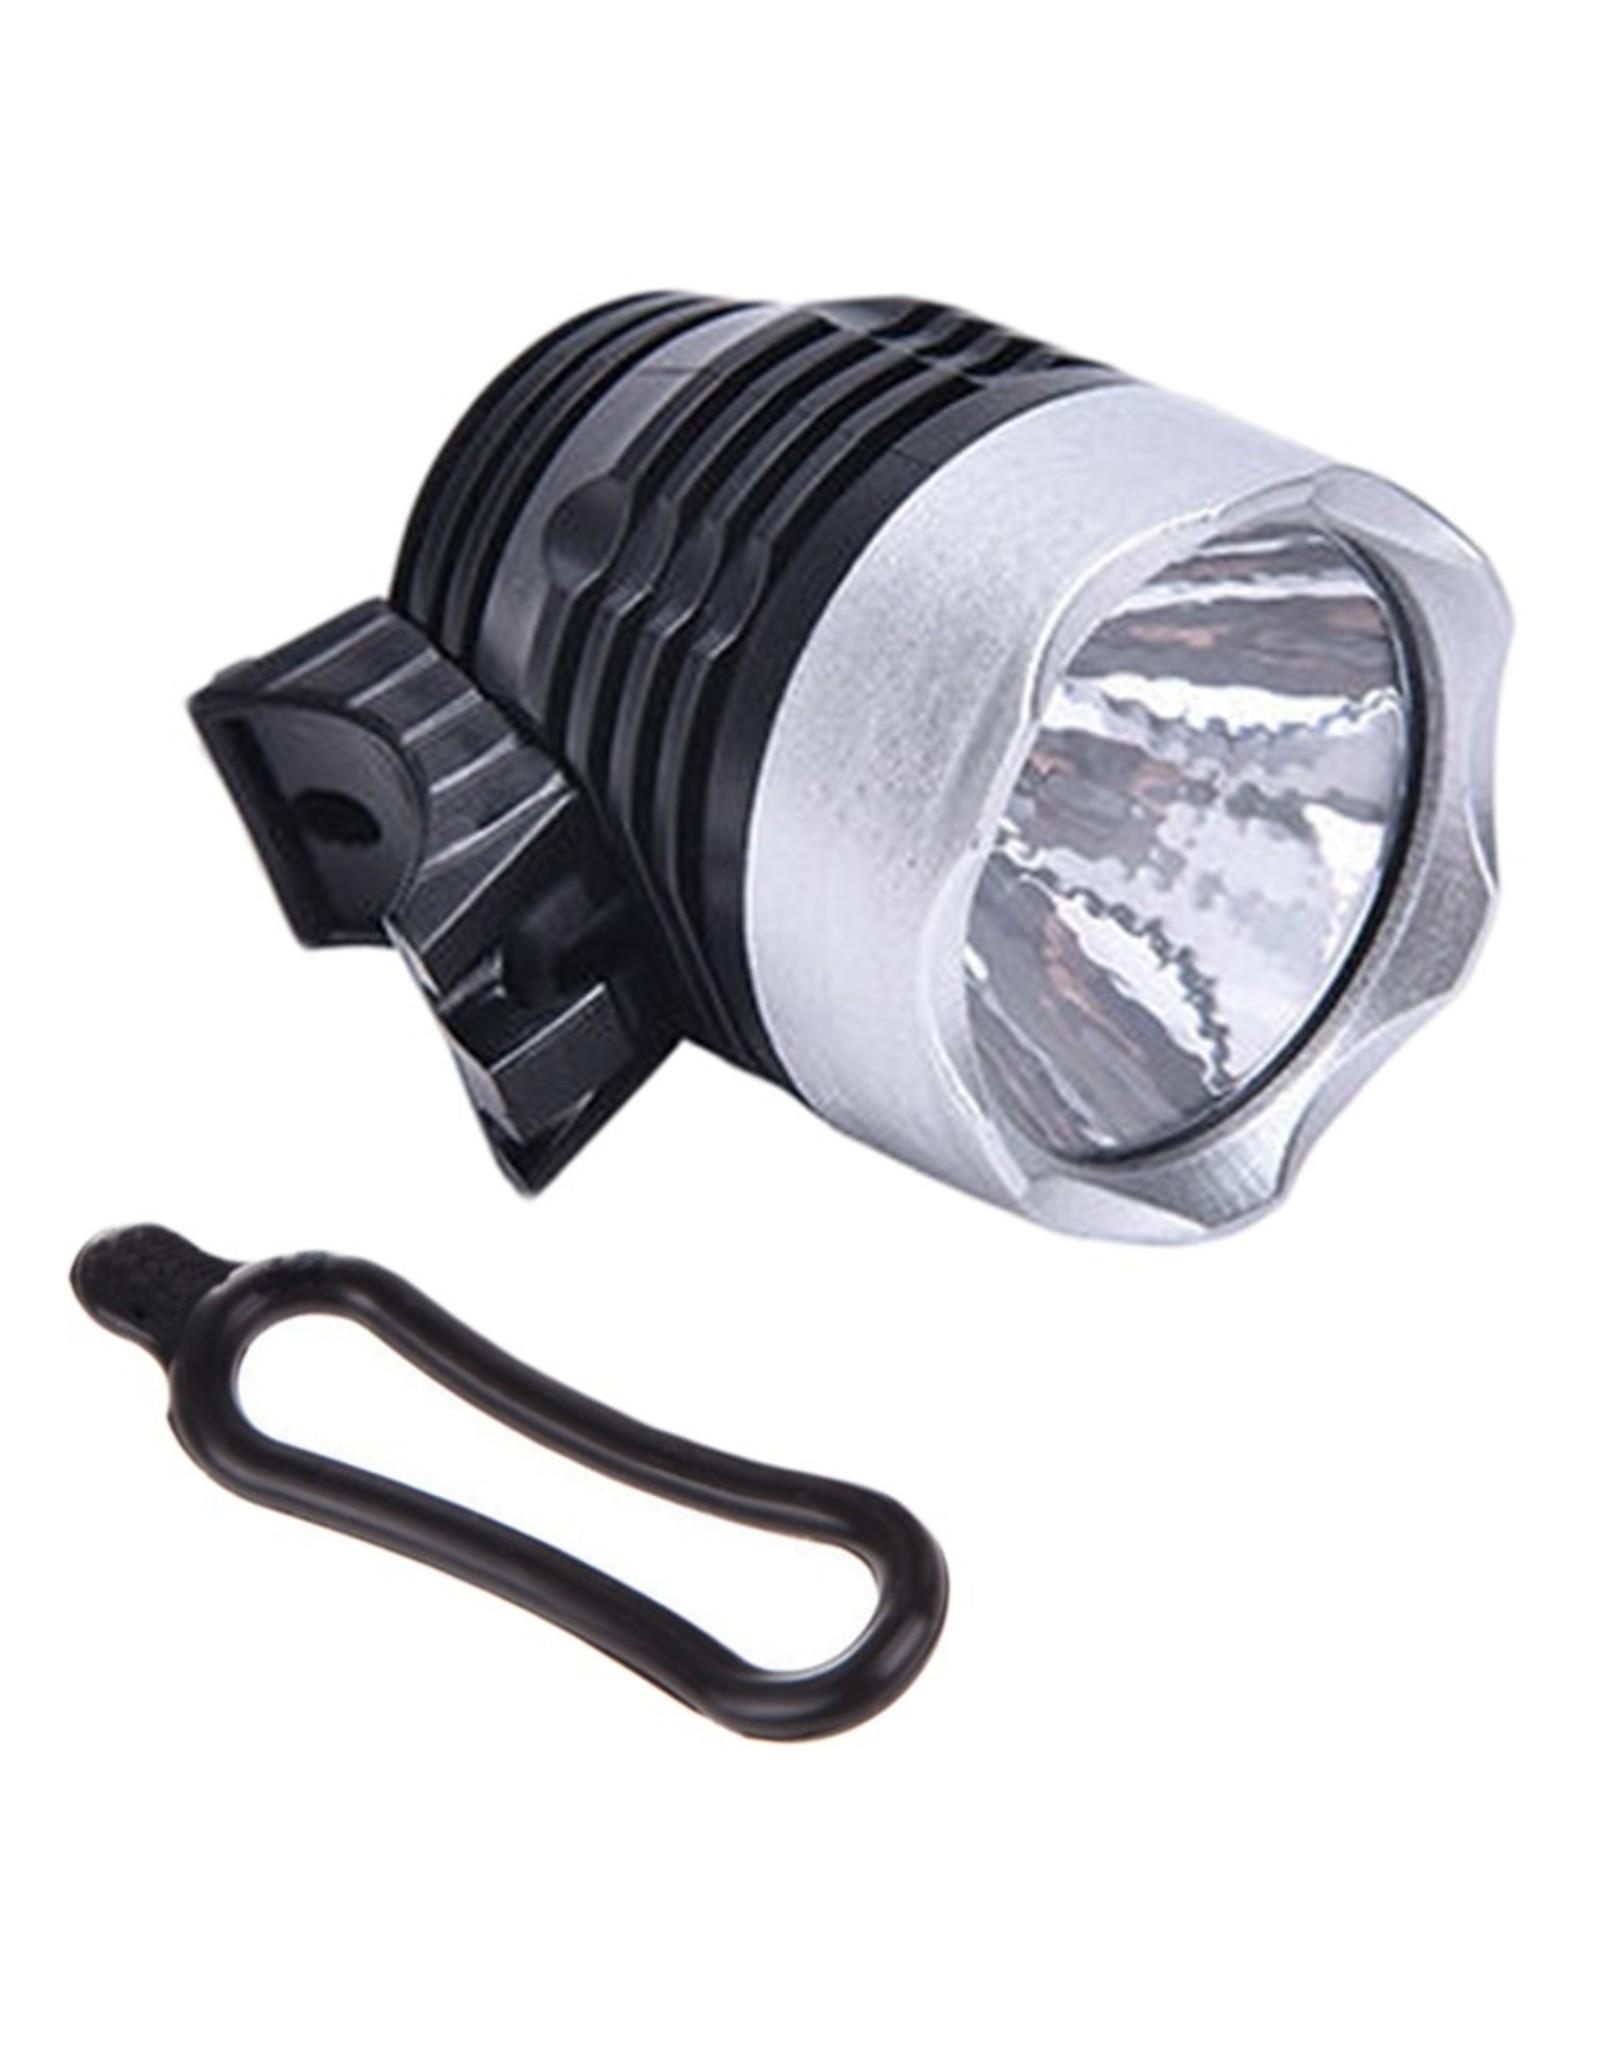 LED Fietslamp - Voorlamp